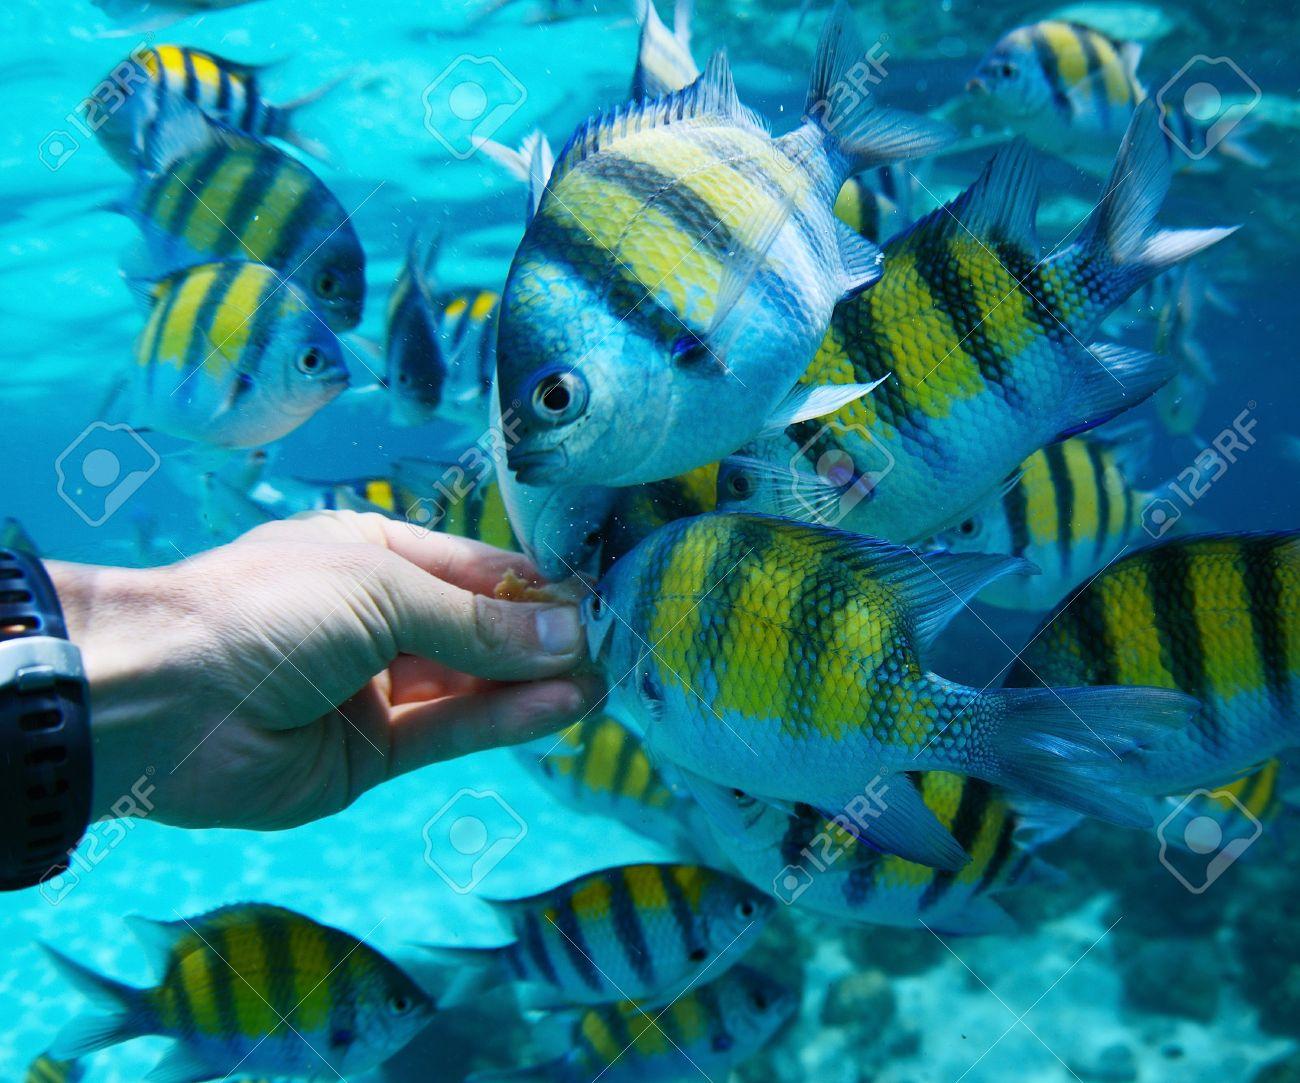 Feeding fish underwater Stock Photo - 20933666